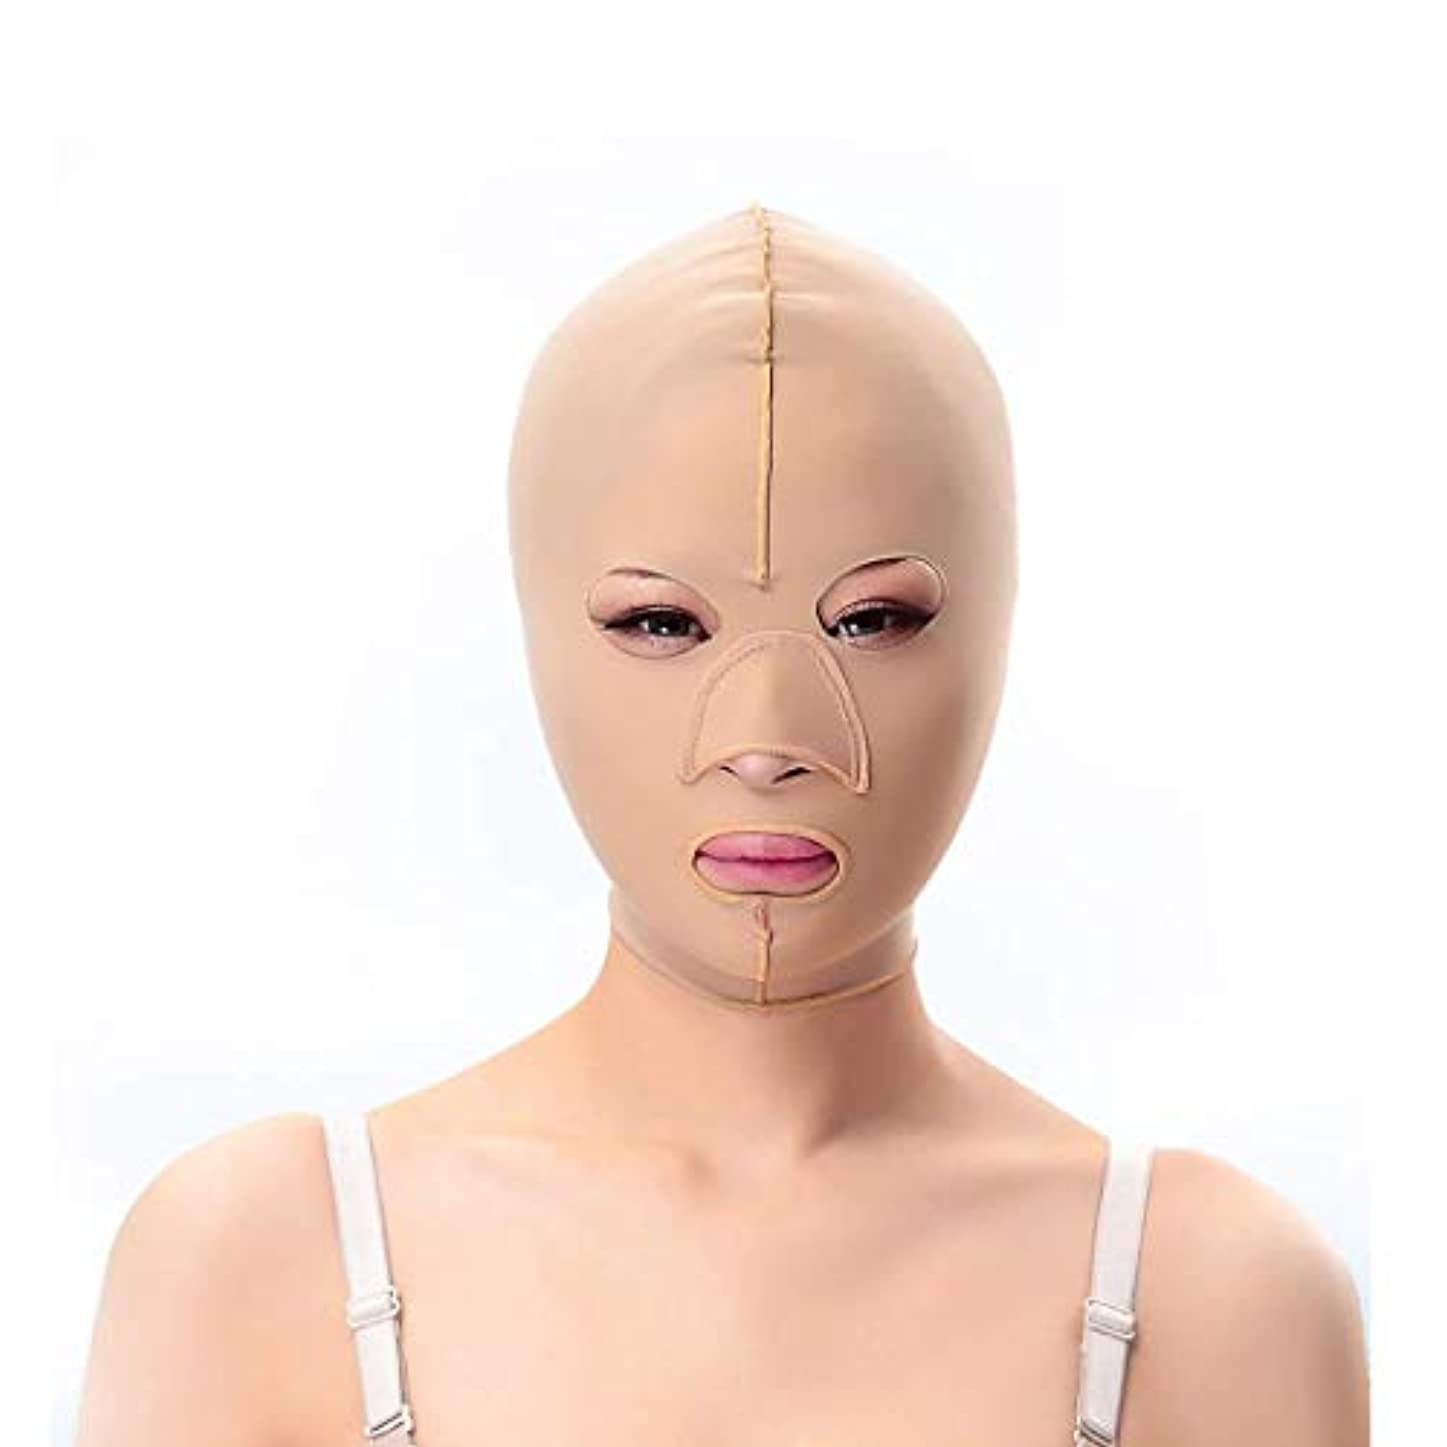 日食事故ヒロイックスリミングベルト、二重あごの引き締め顔のプラスチックフェイスアーティファクト強力なフェイス包帯を脇に持ち上げるパターンを欺くためのフェイシャルマスクシンフェイスマスク(サイズ:L),XXL